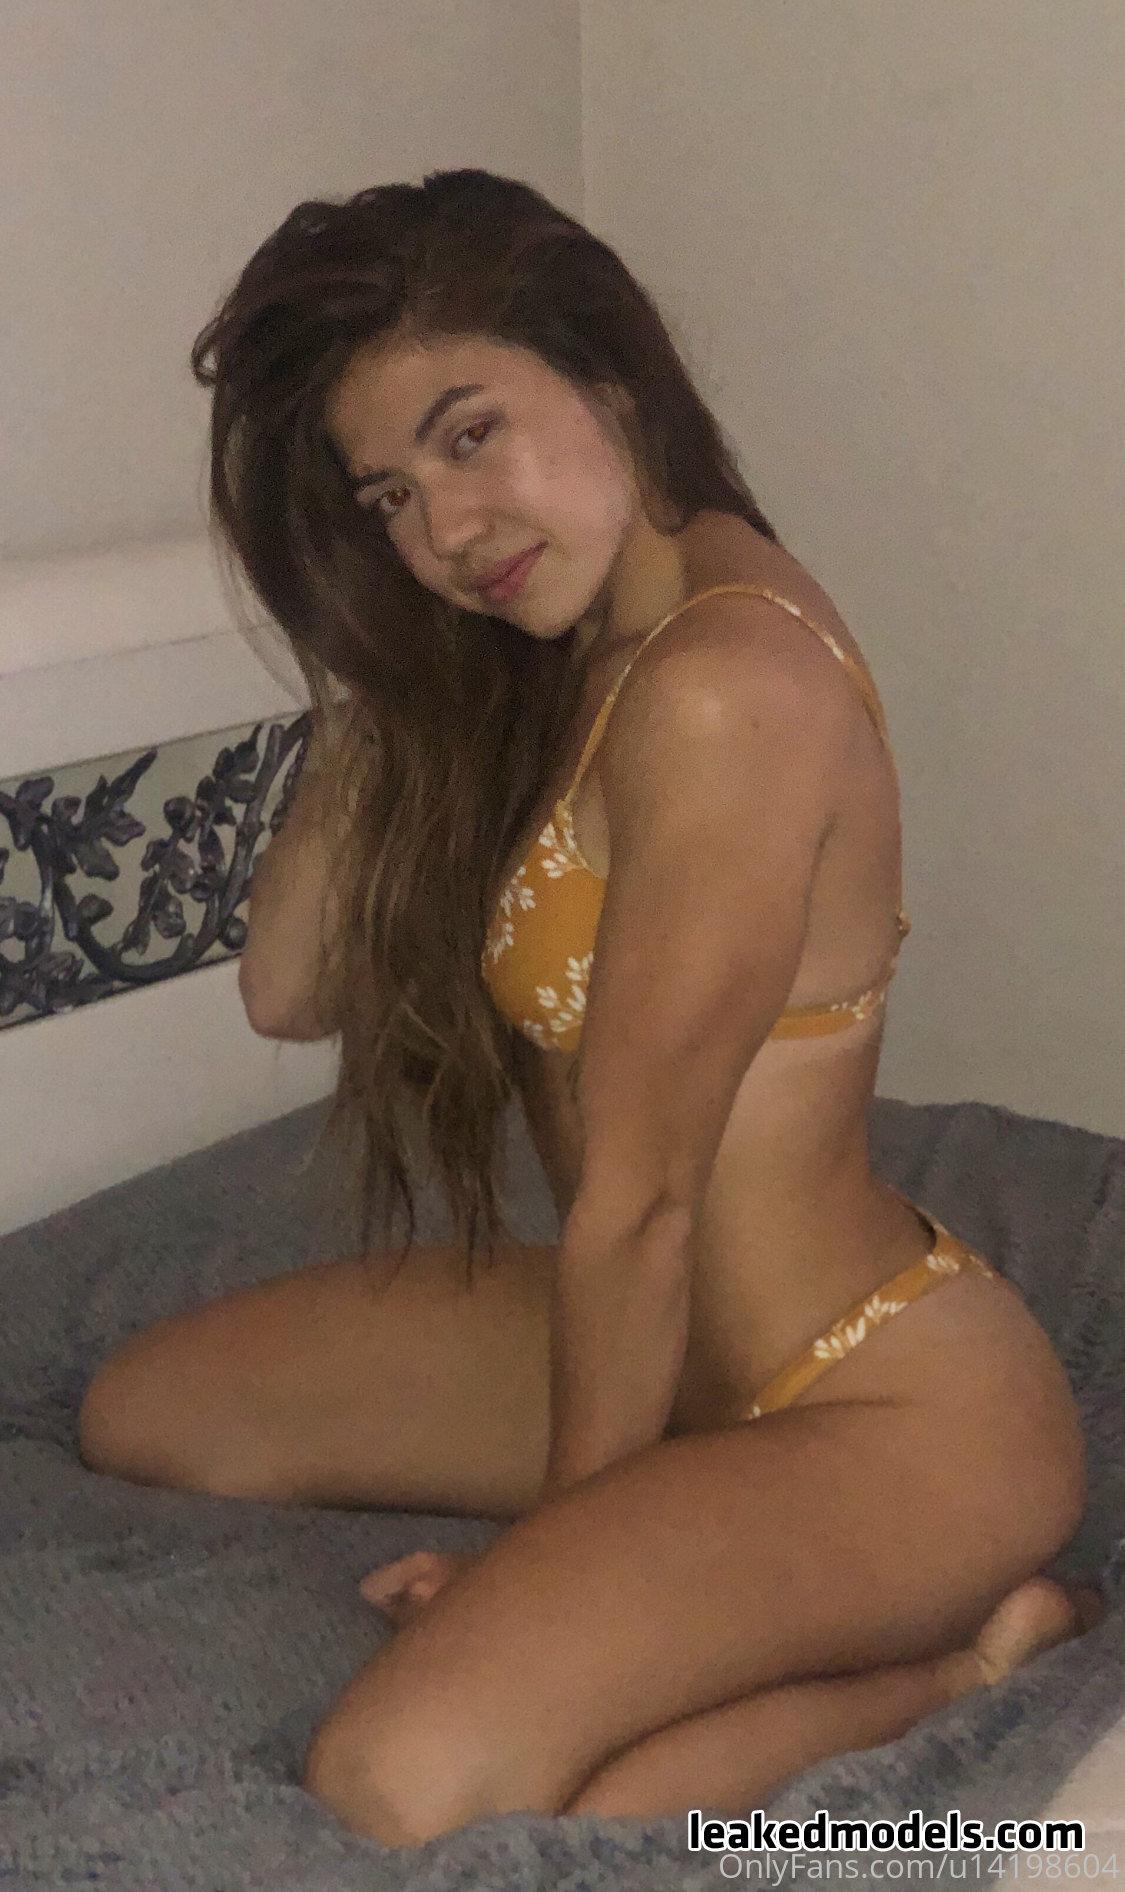 Jana Smyles – smyling OnlyFans Nude Leaks (33 Photos)